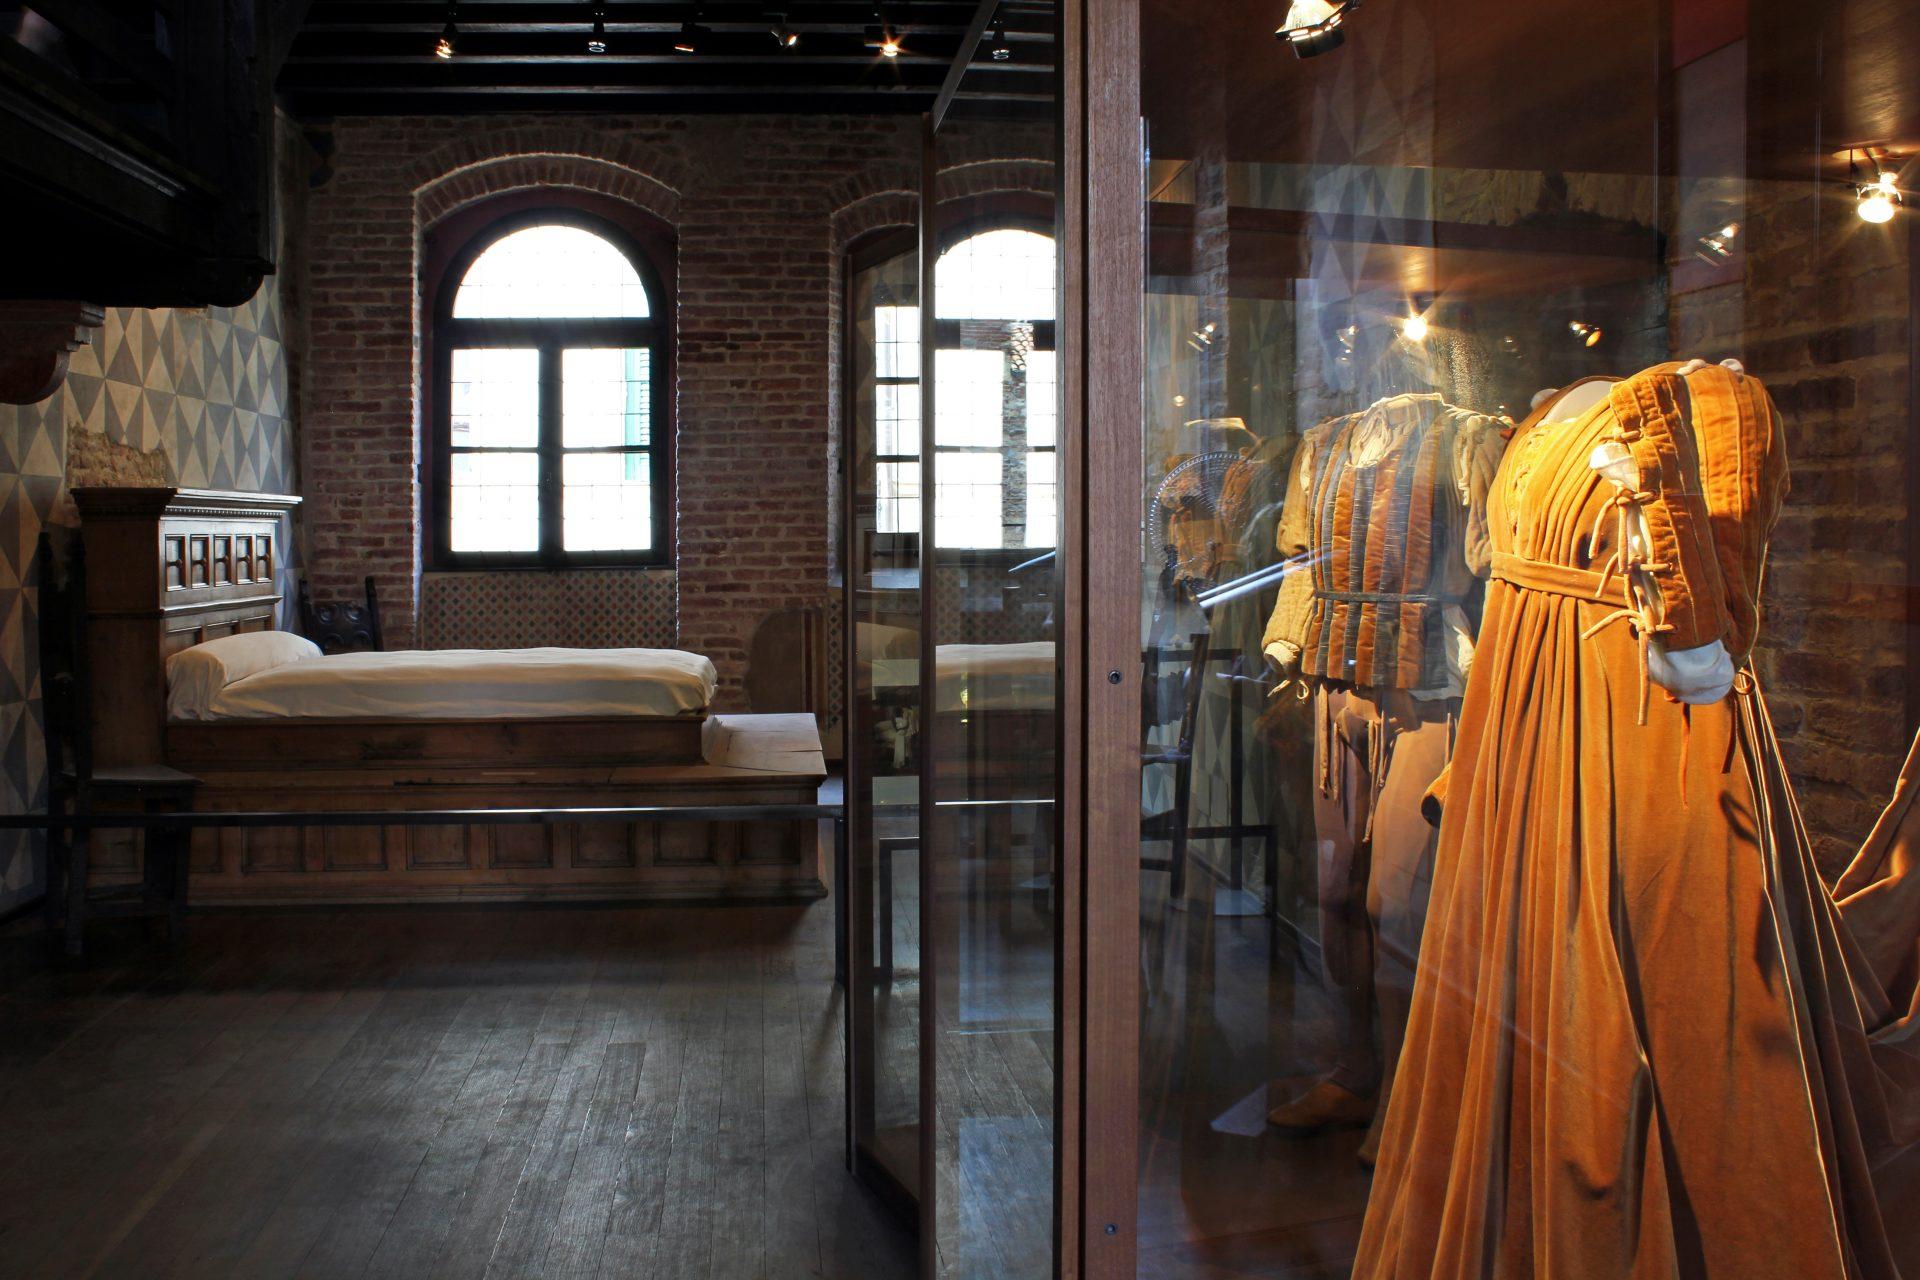 Костюмы Ромео и Джульетты и спектакля 1968 года. Музей Вероны